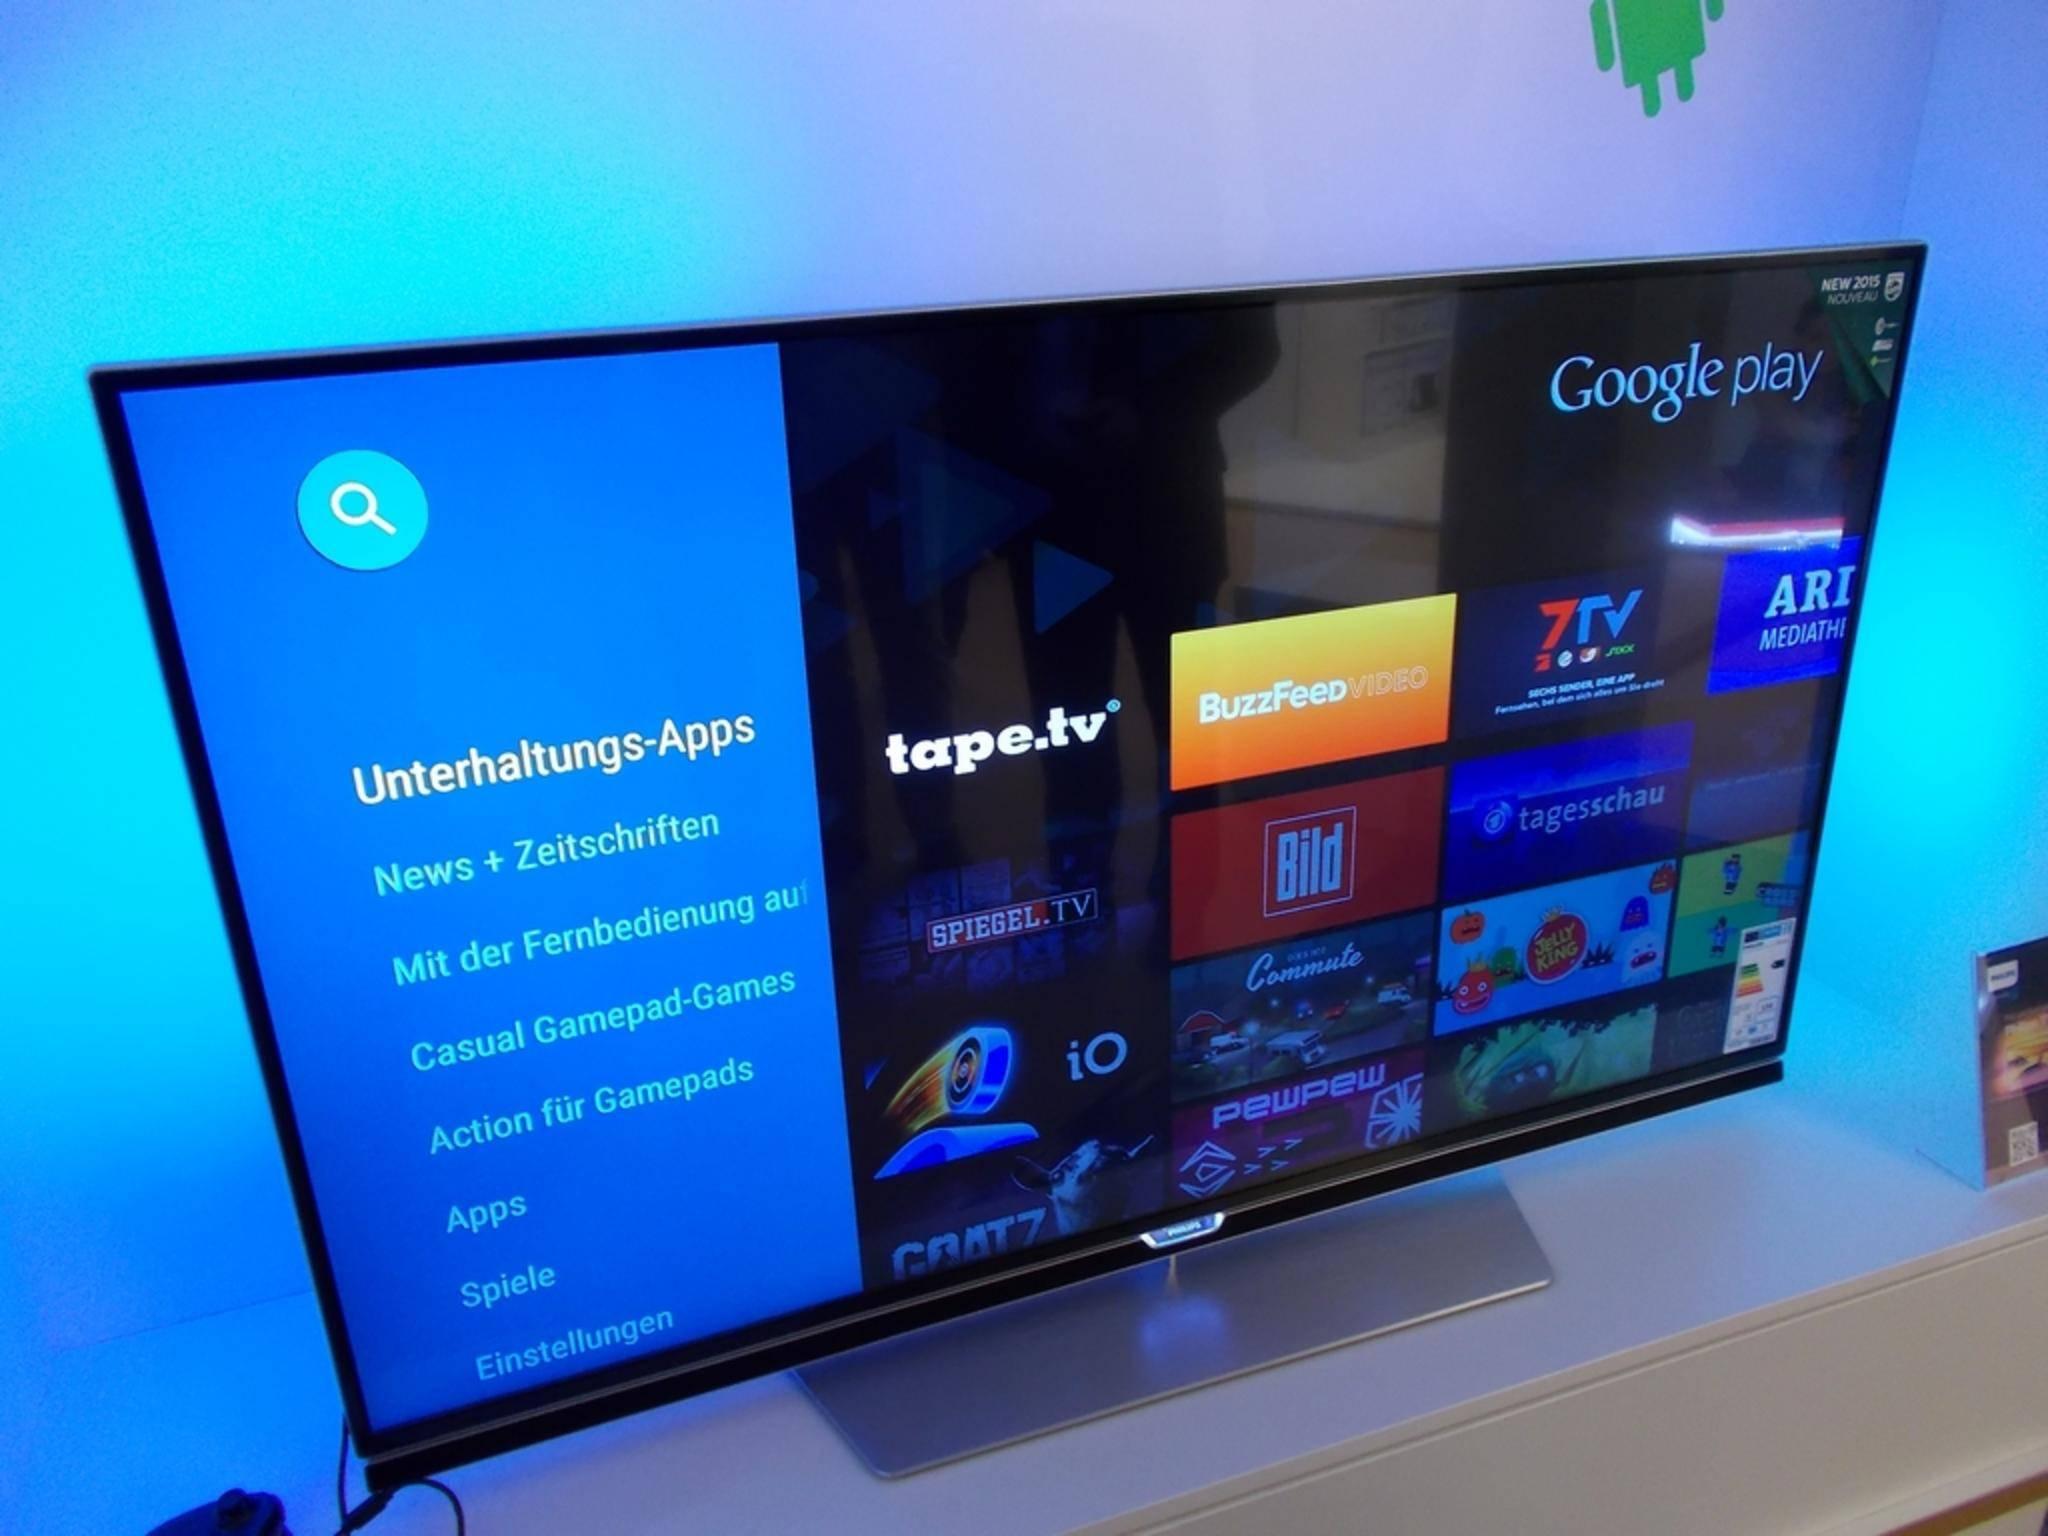 Der Google Play Store auf den neuen Smart TVs von Philips.